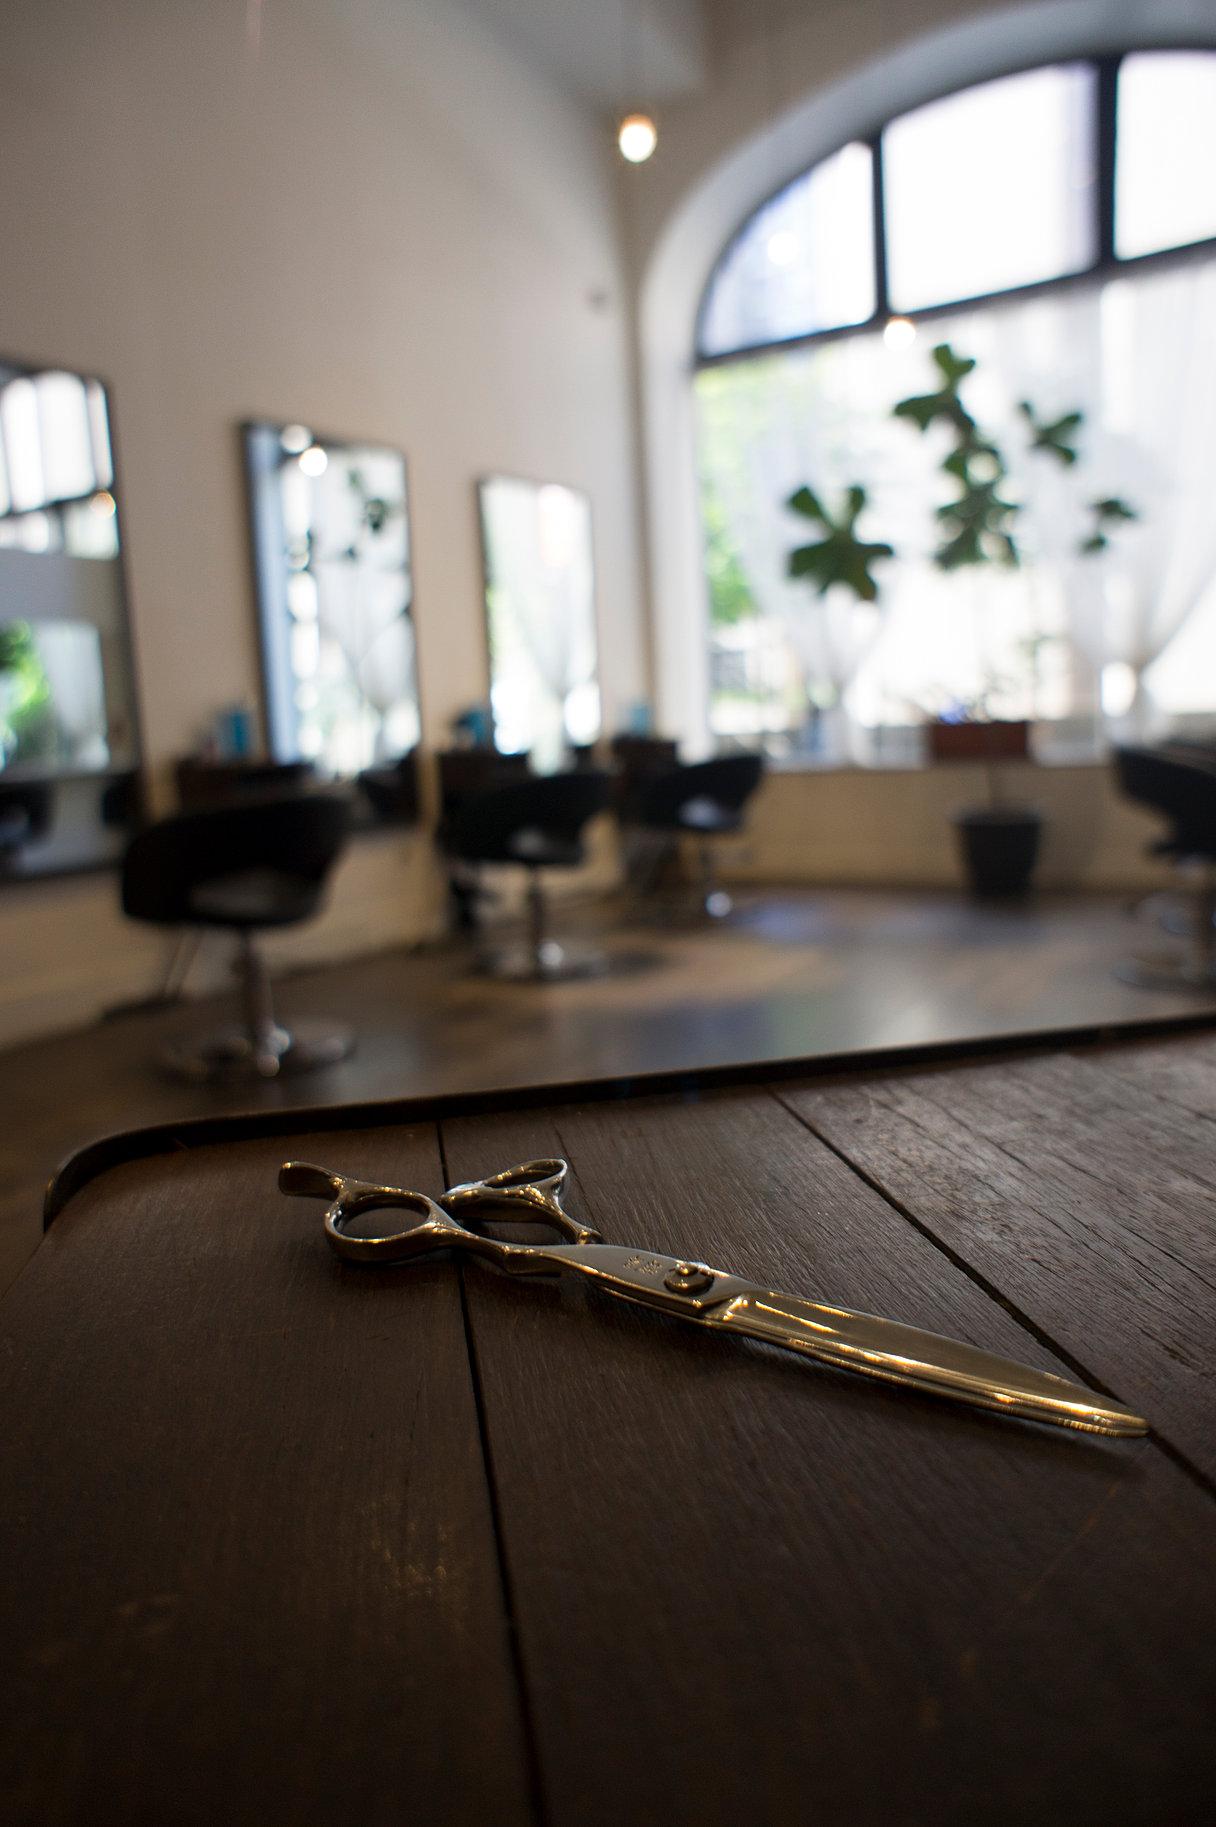 Pas de deux salon bridal hair makeup tribeca ny for 18 8 salon locations